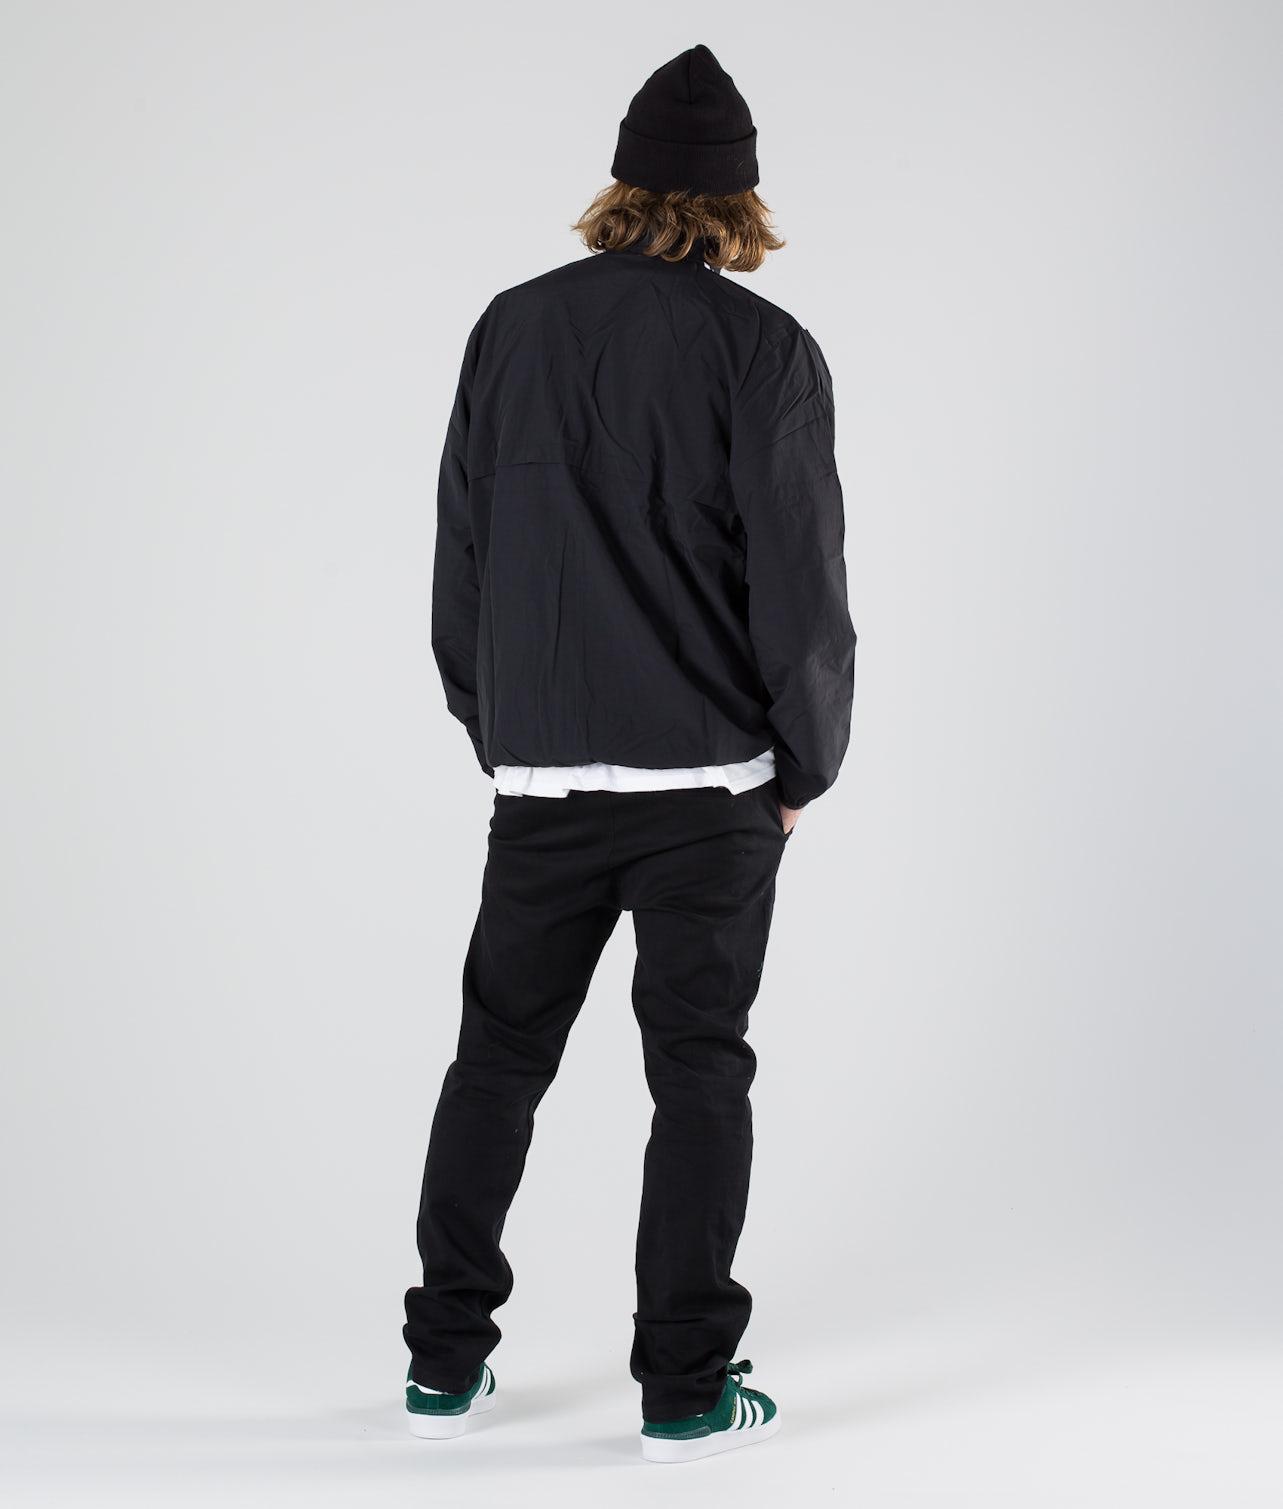 Kjøp Class Action Jakke fra Adidas Skateboarding på Ridestore.no - Hos oss har du alltid fri frakt, fri retur og 30 dagers åpent kjøp!